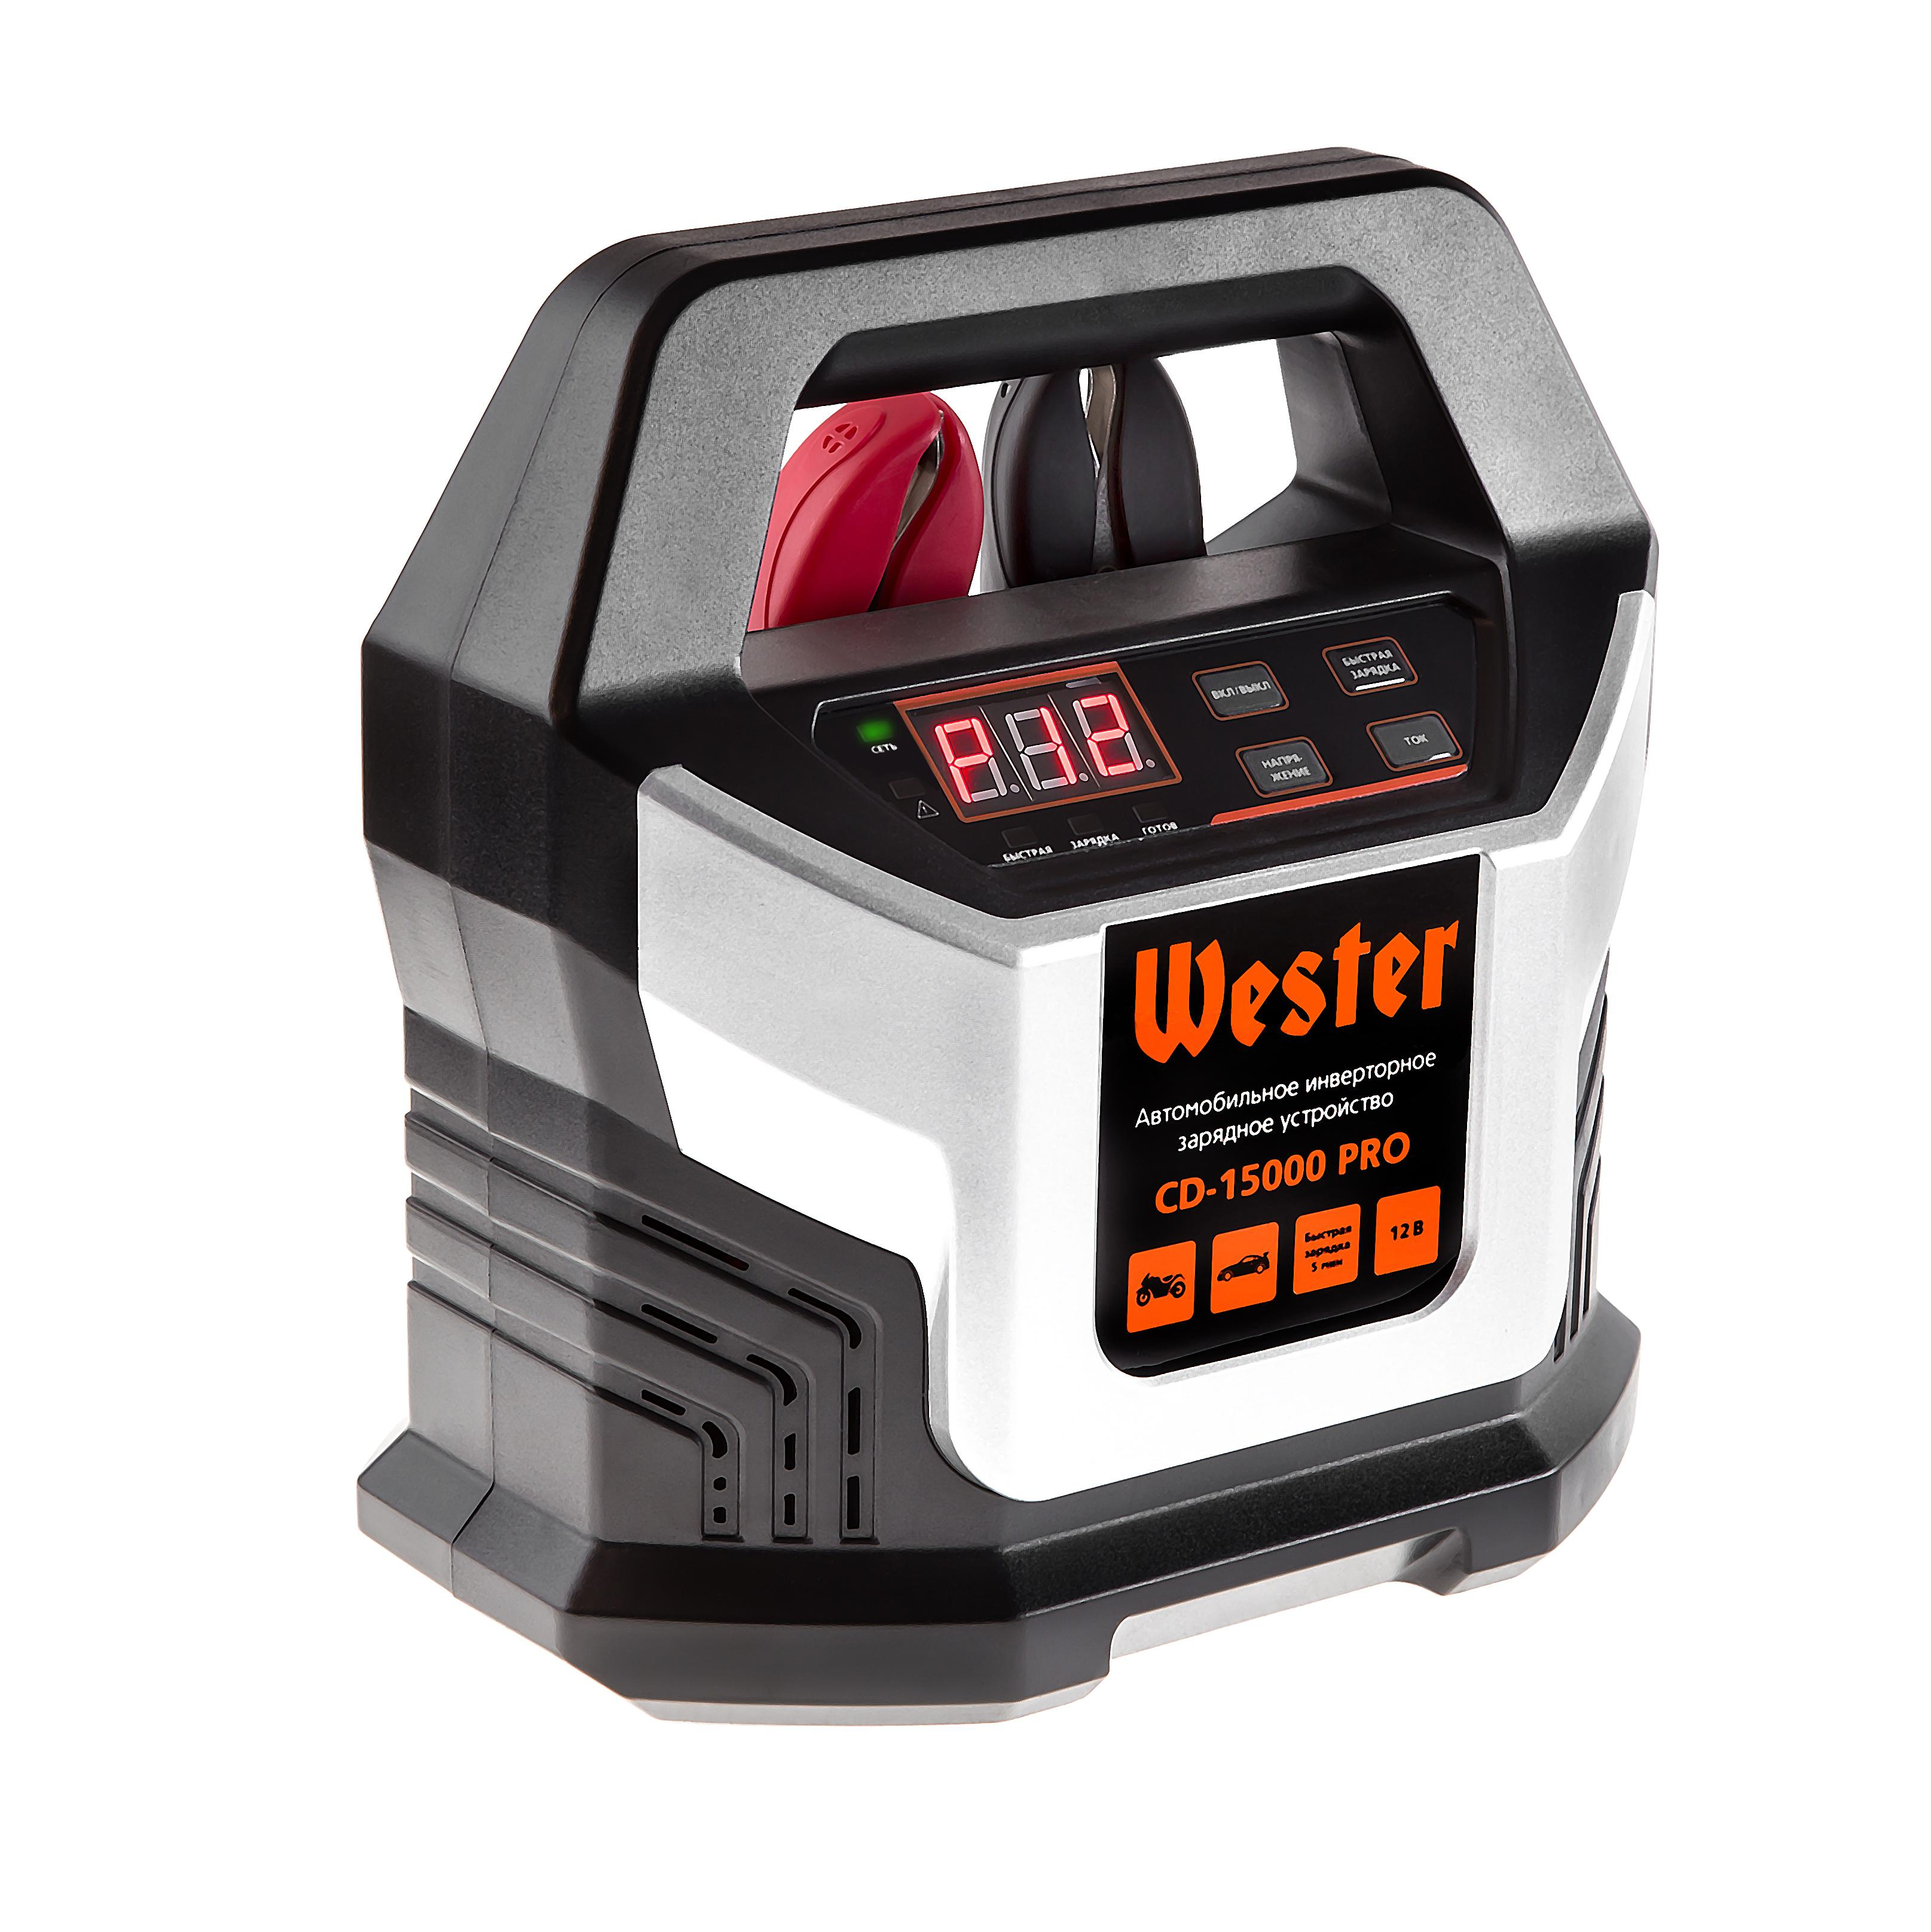 Купить Зарядное устройство Wester Cd-15000 pro